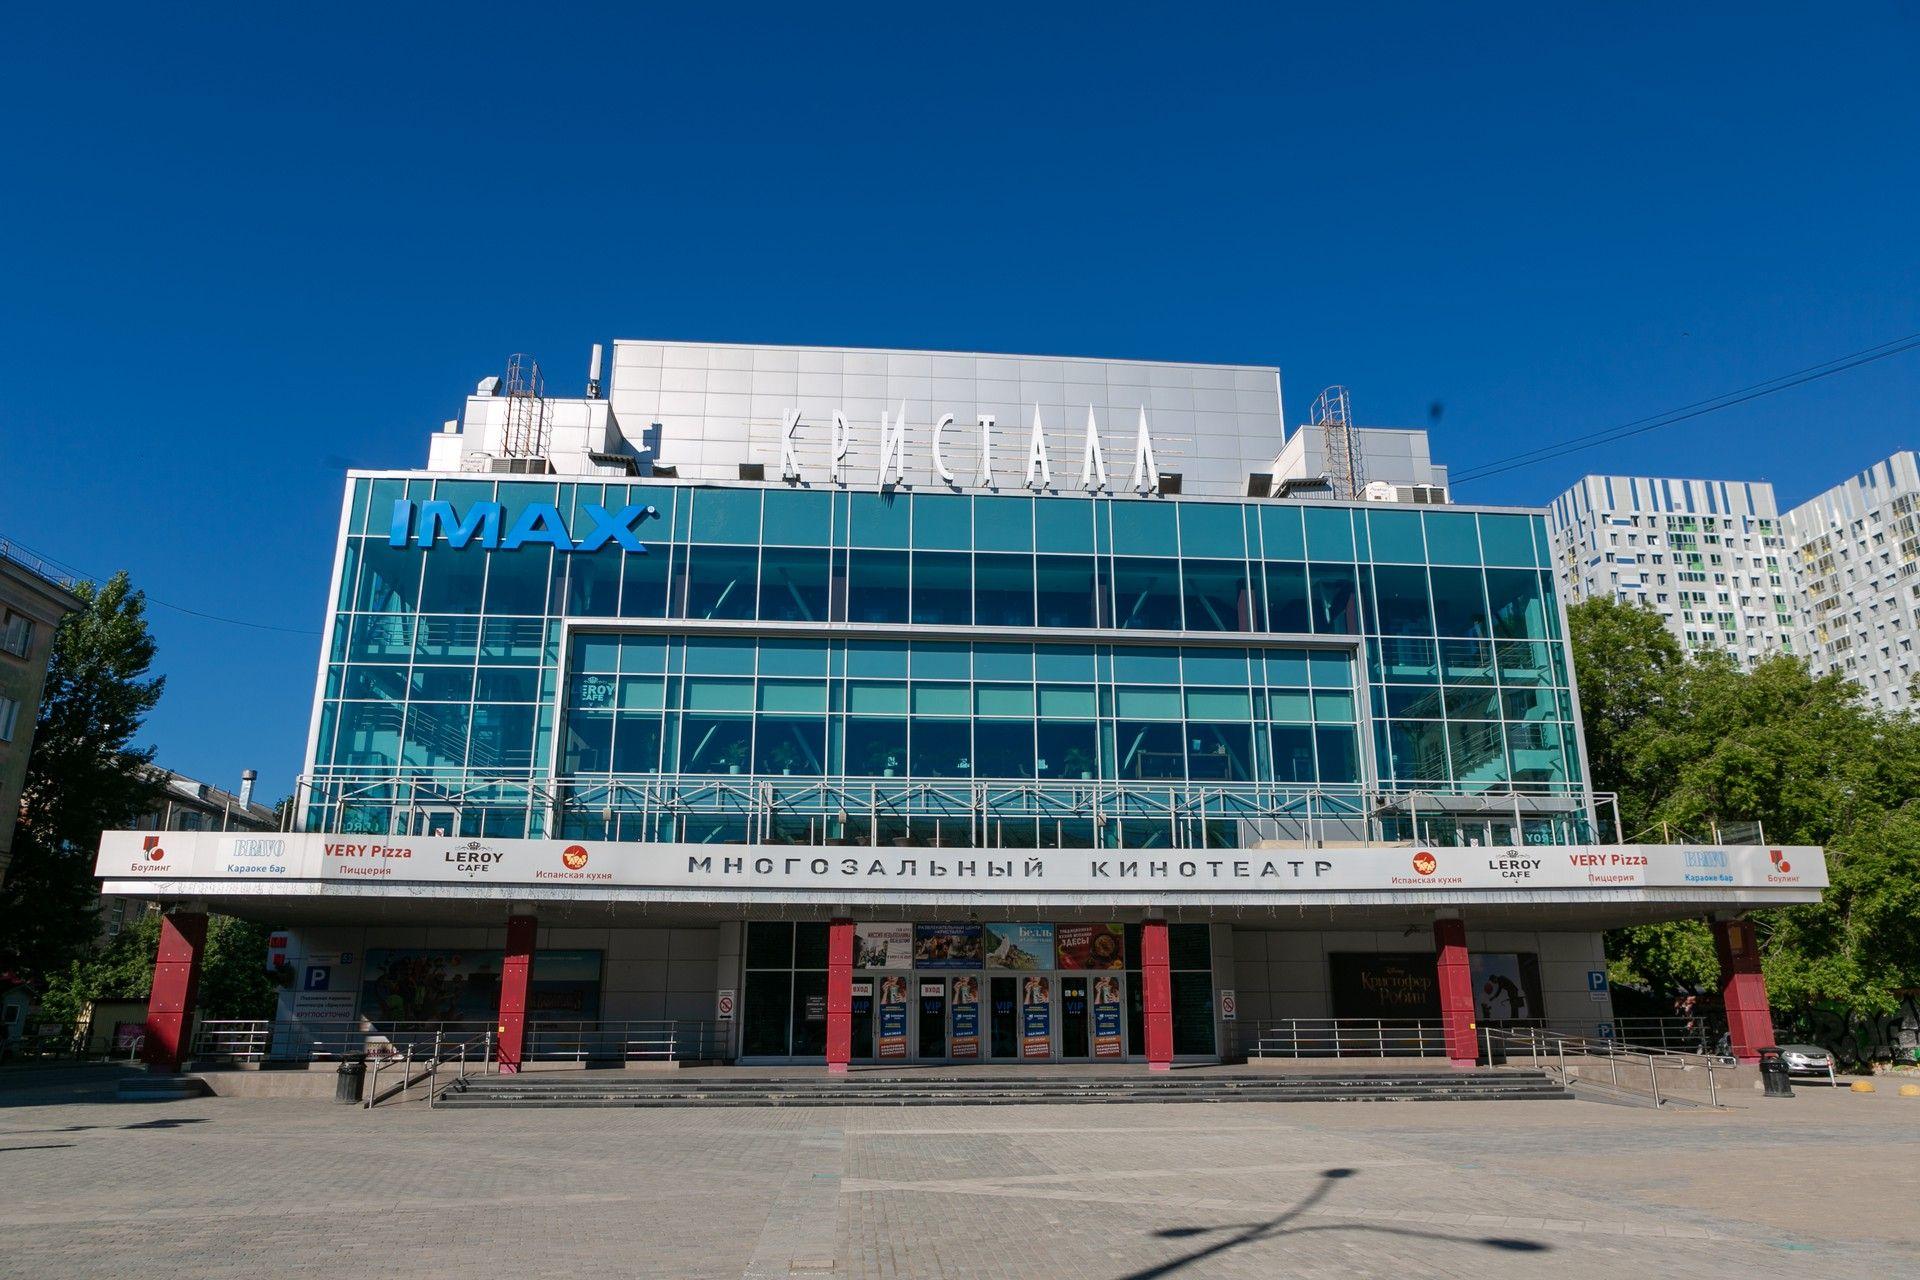 купить билет в кинотеатр онлайн в перми